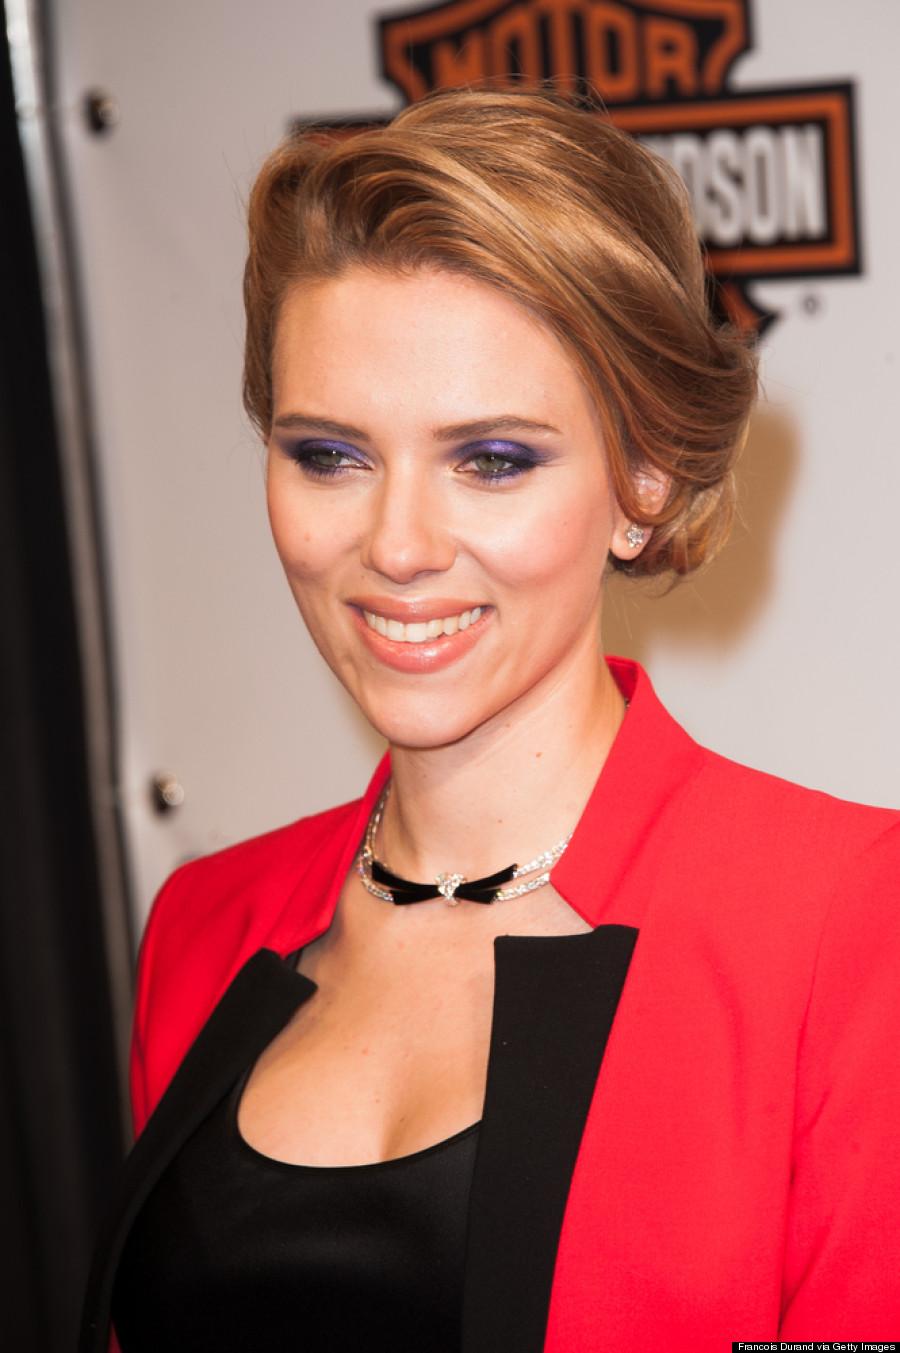 Scarlett Johansson Hides Baby Bump Under Chic Red Suit ... Scarlett Johansson